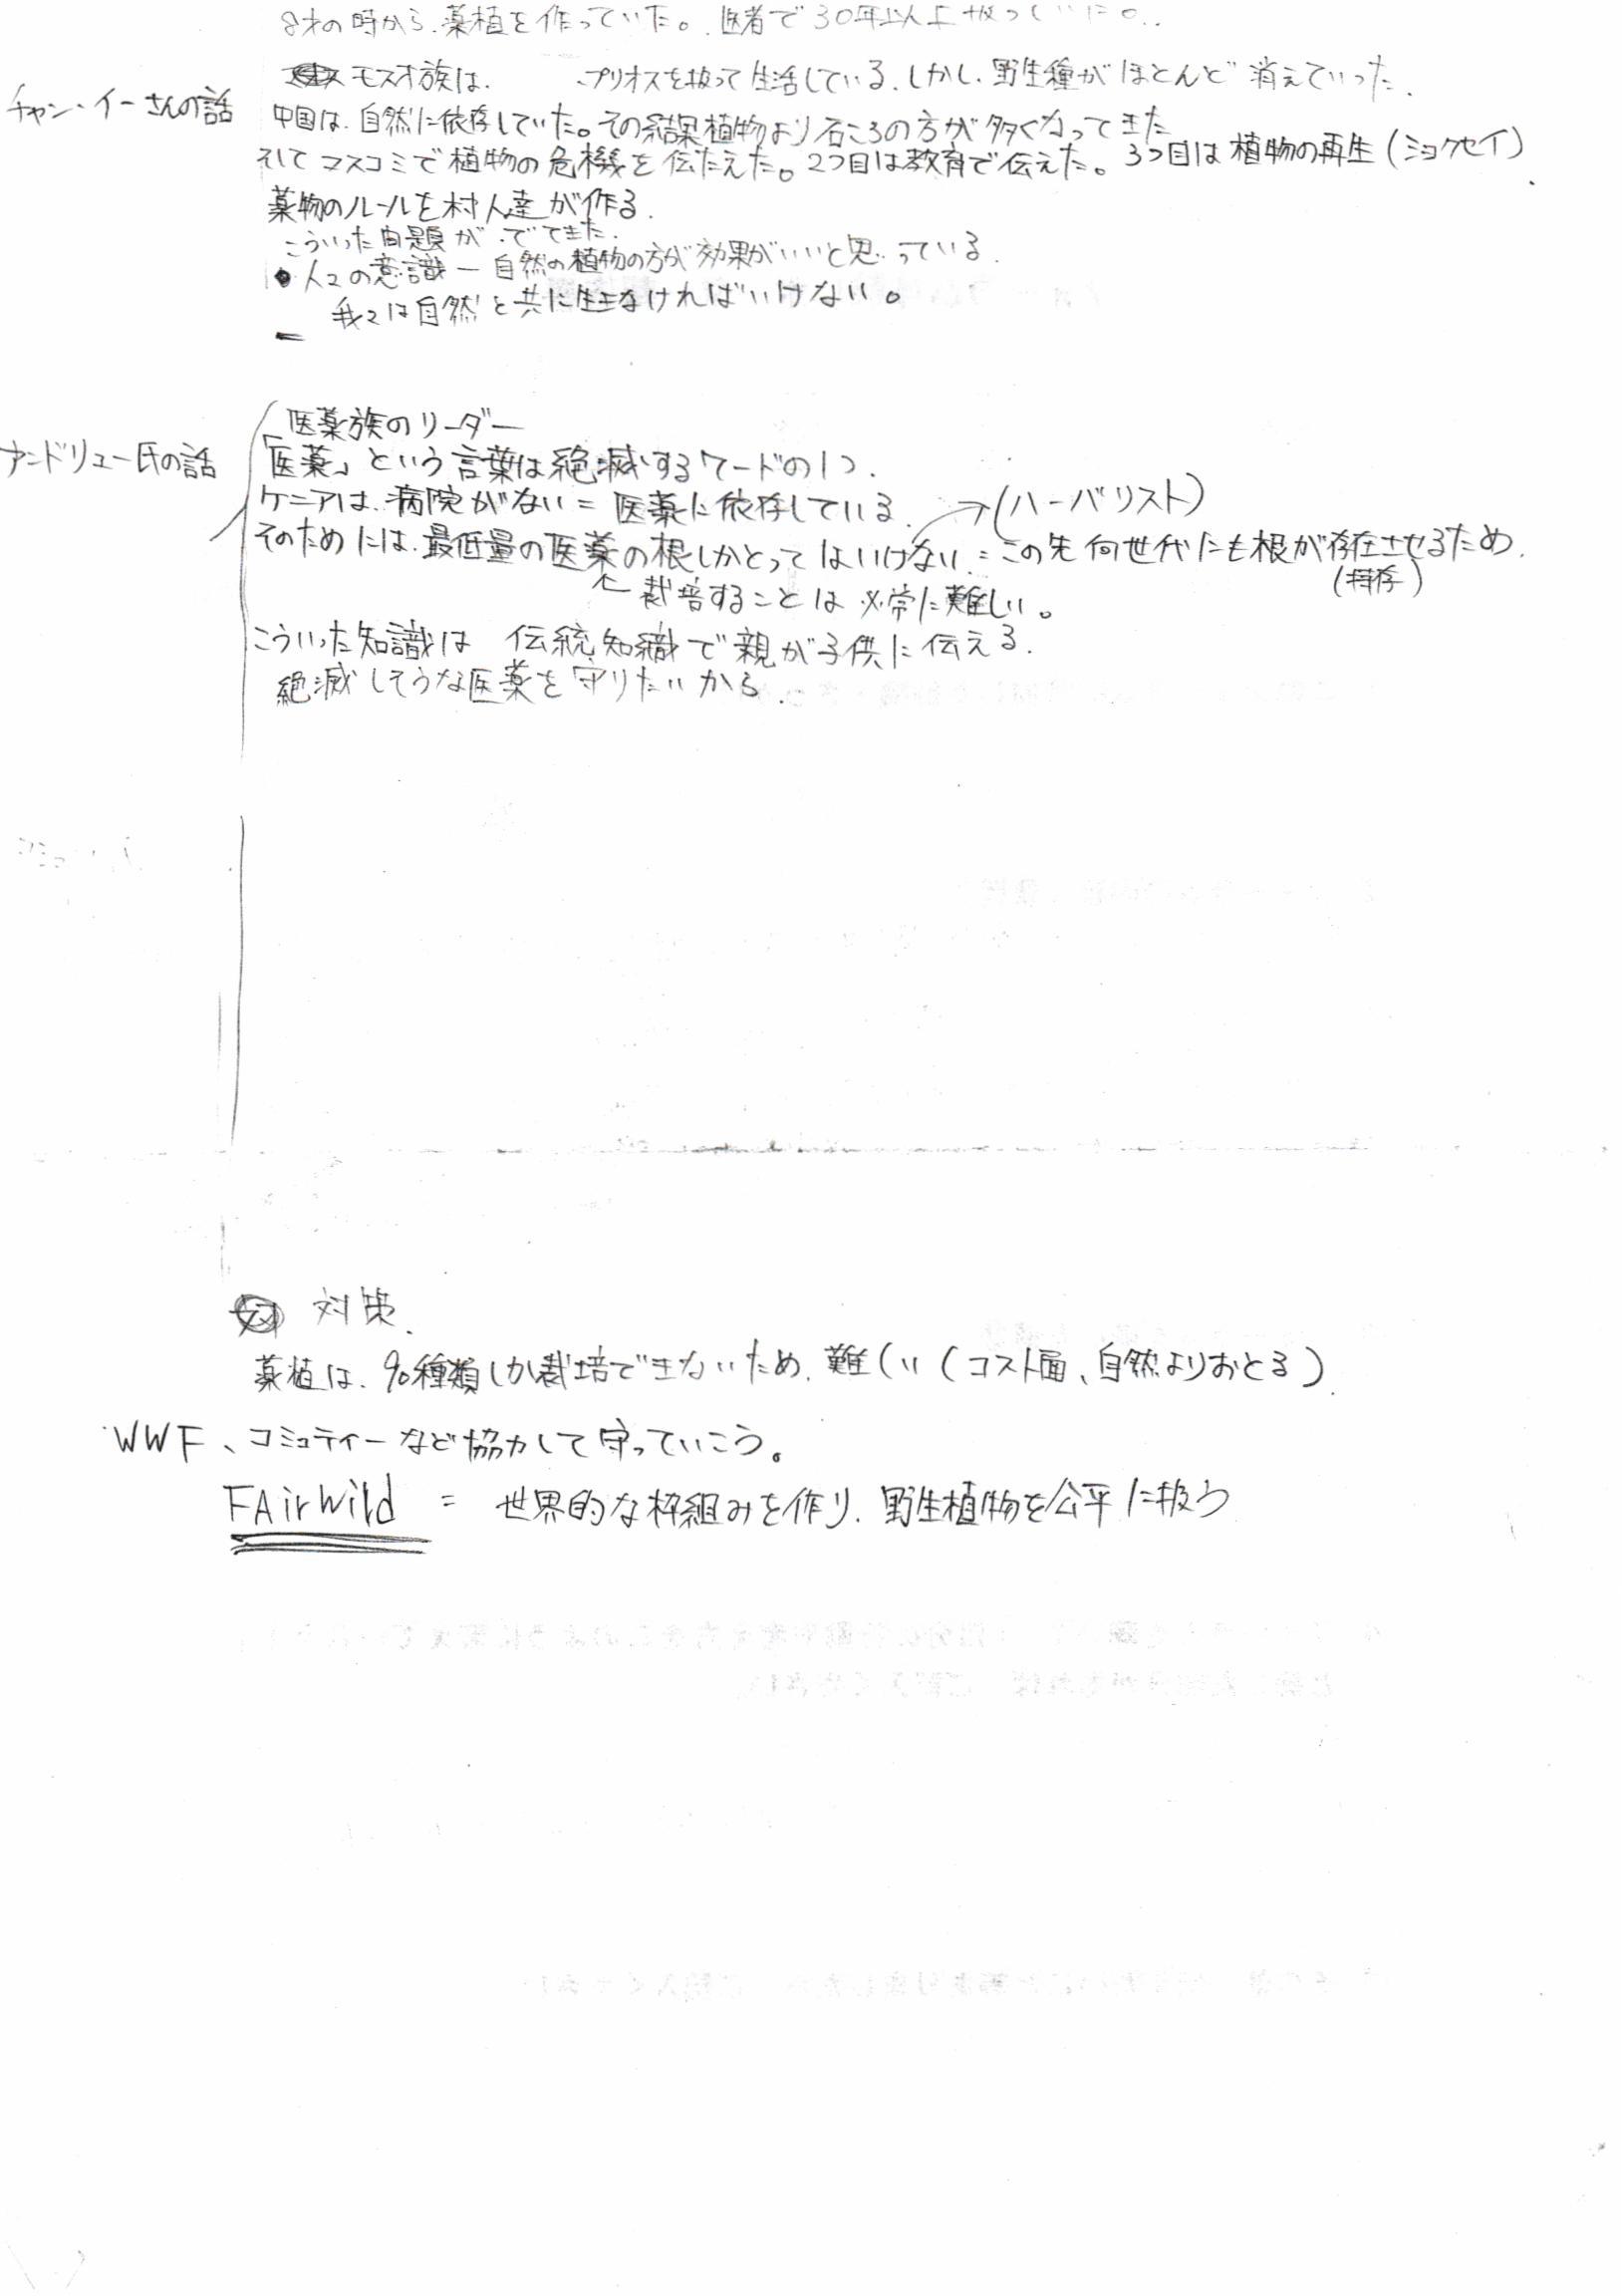 フォーラム体験レポーター報告渡邉和揮2